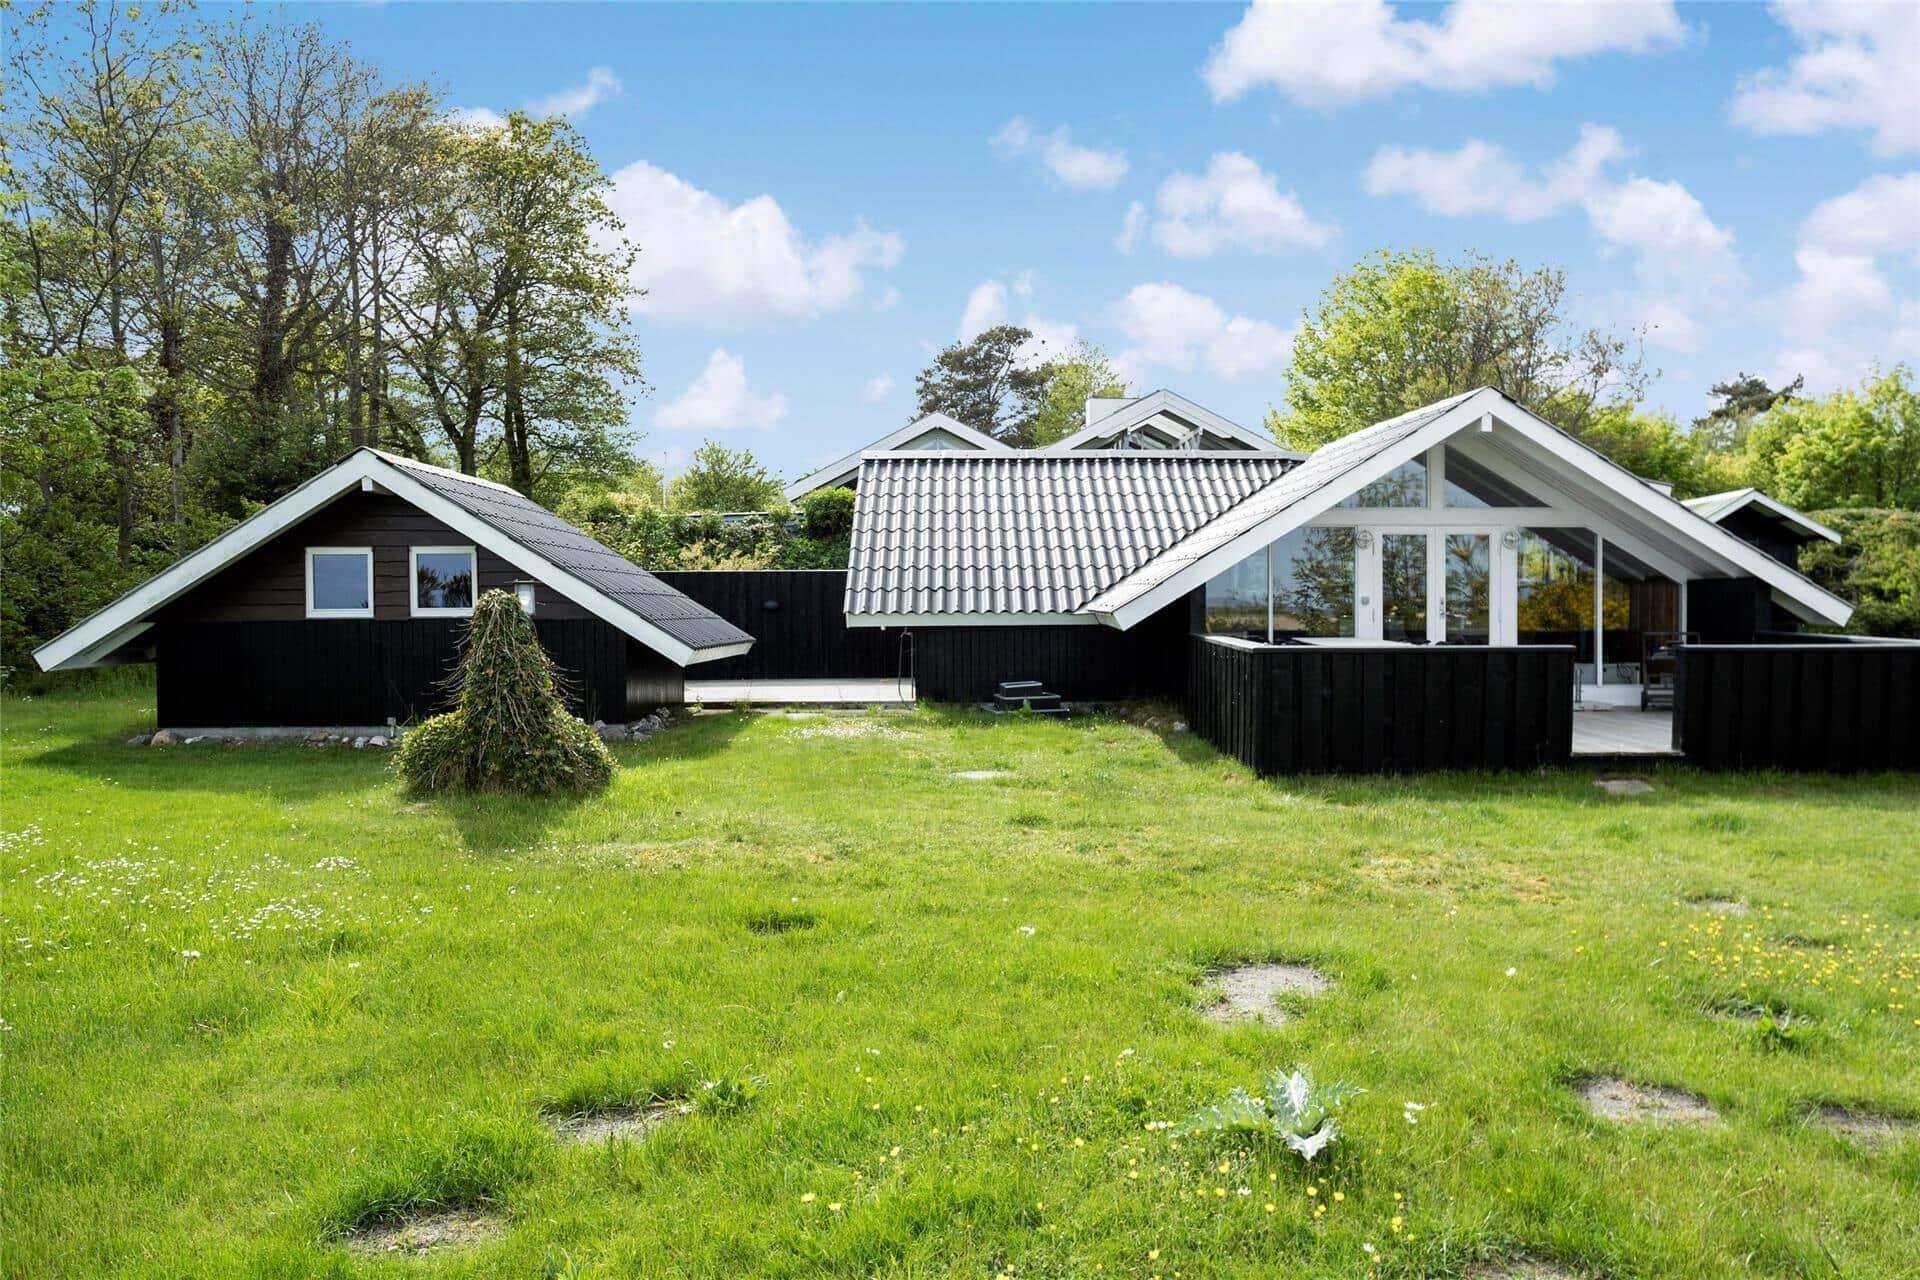 Afbeelding 1-401 Vakantiehuis OH325, Sellegaarde Øst 2, DK - 9560 Hadsund